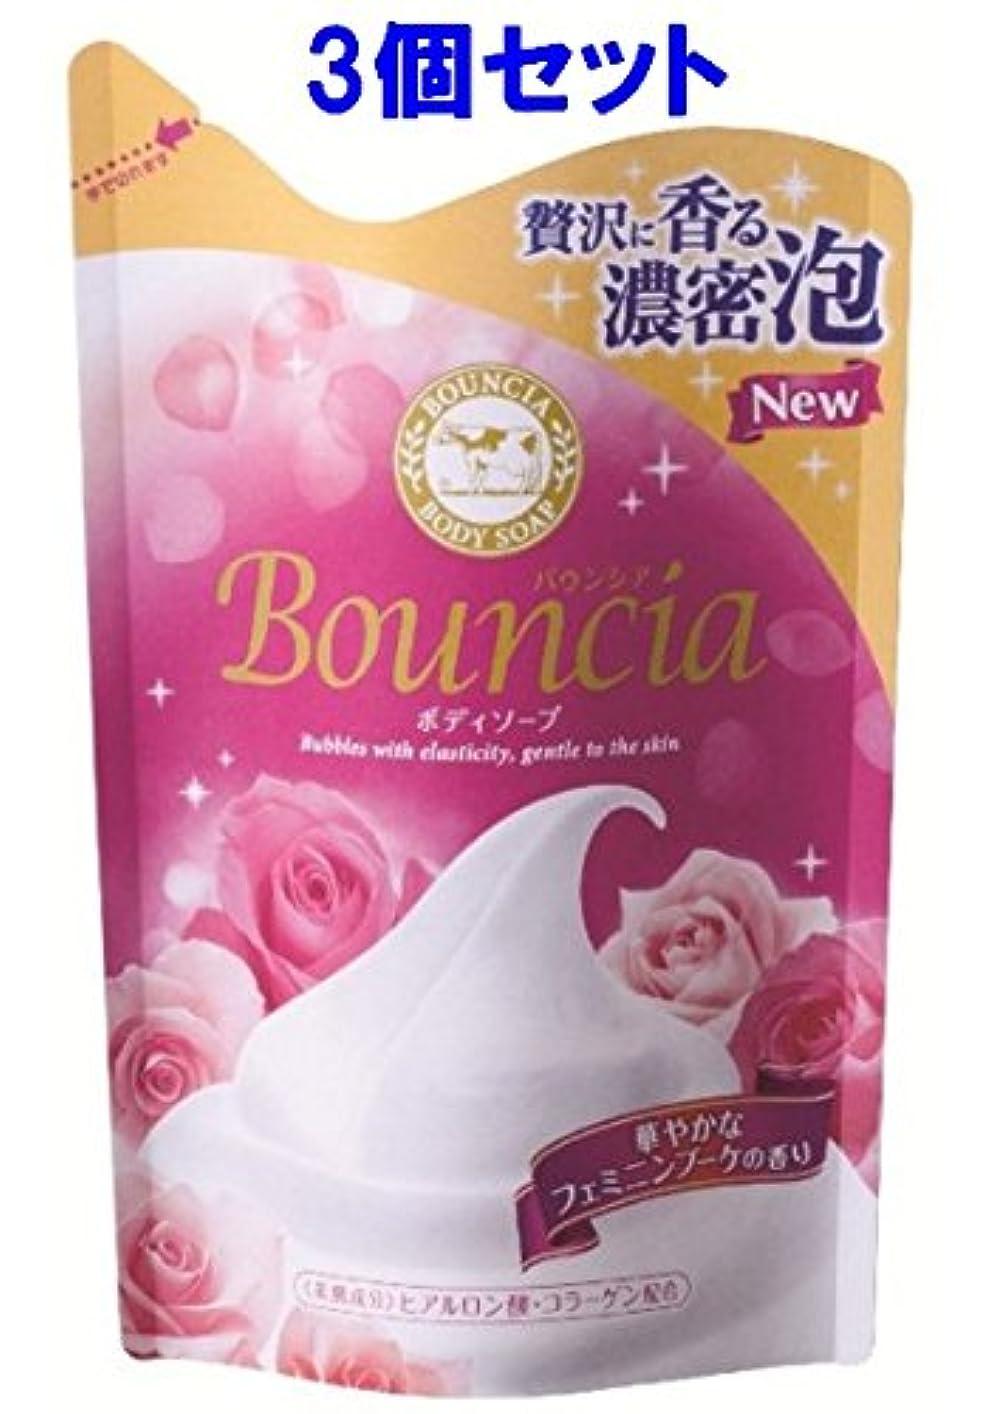 付録対処平和【3個セット】 バウンシアボディソープ フェミニンブーケの香り 詰替用 430mL